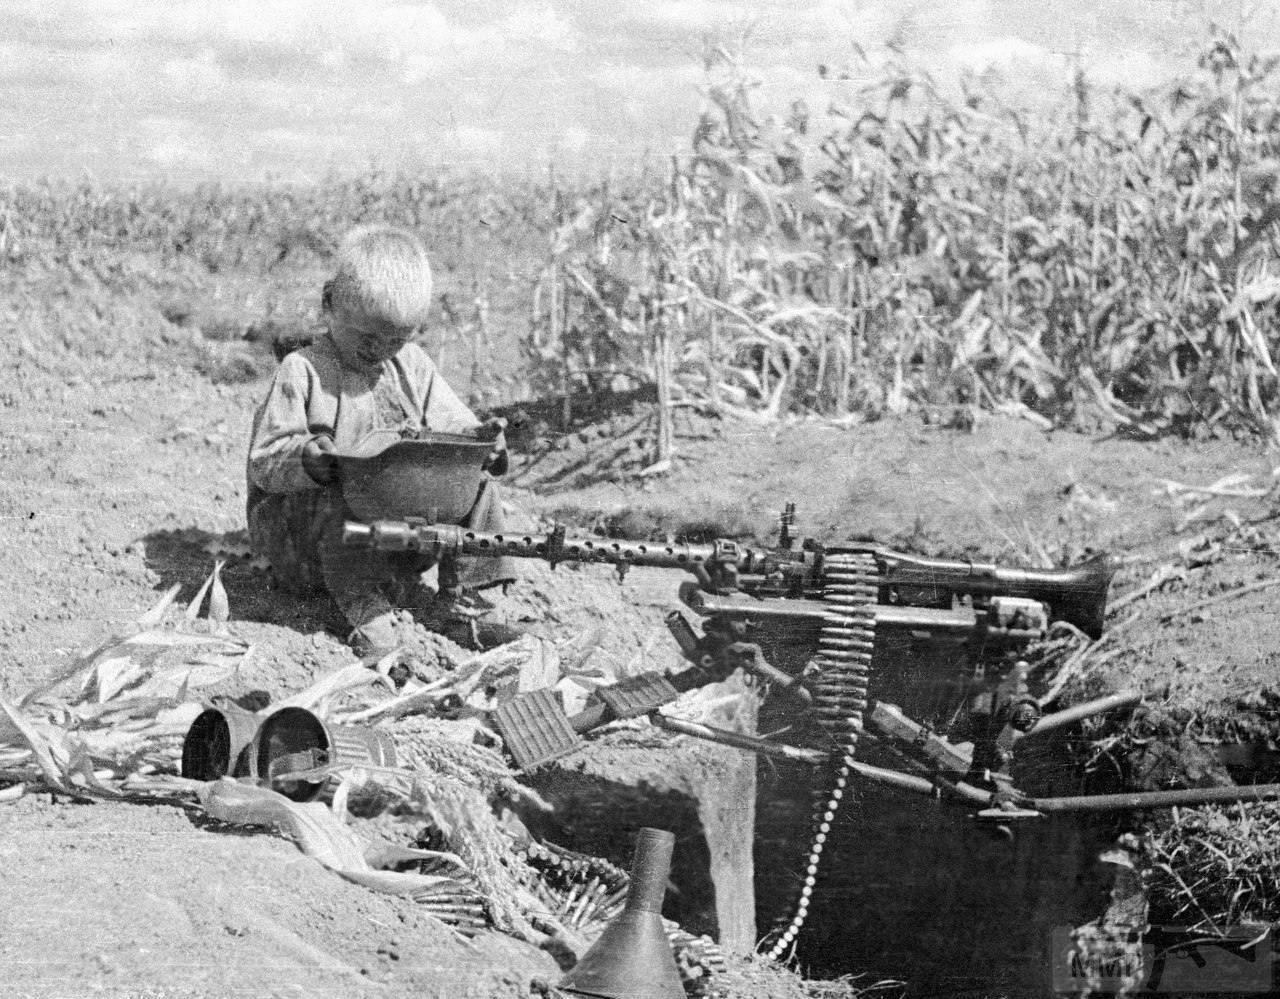 21870 - Военное фото 1941-1945 г.г. Восточный фронт.